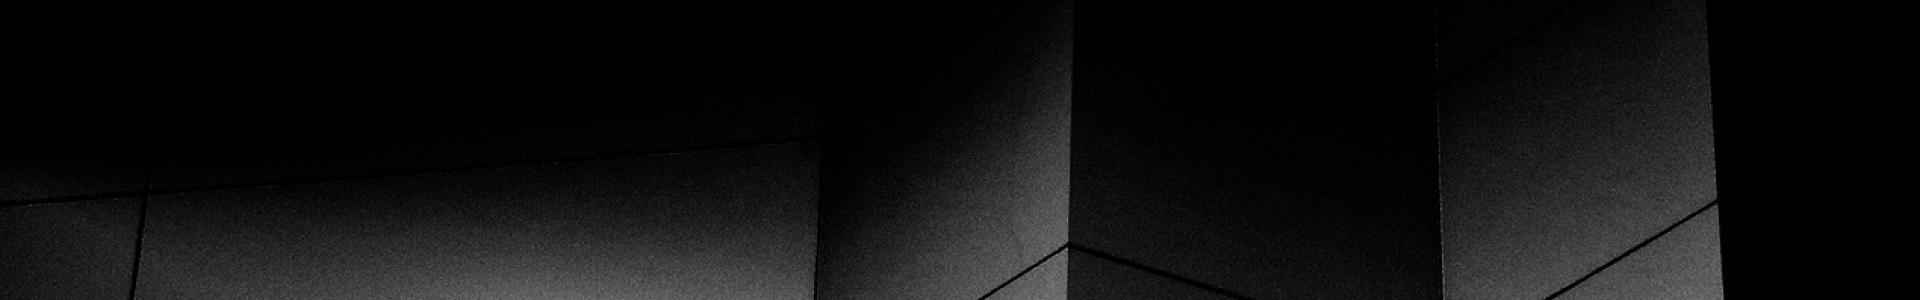 fond-noir-gestion-reseaux-sociaux-laurentides-rive-nord-montreal-medias-4.png